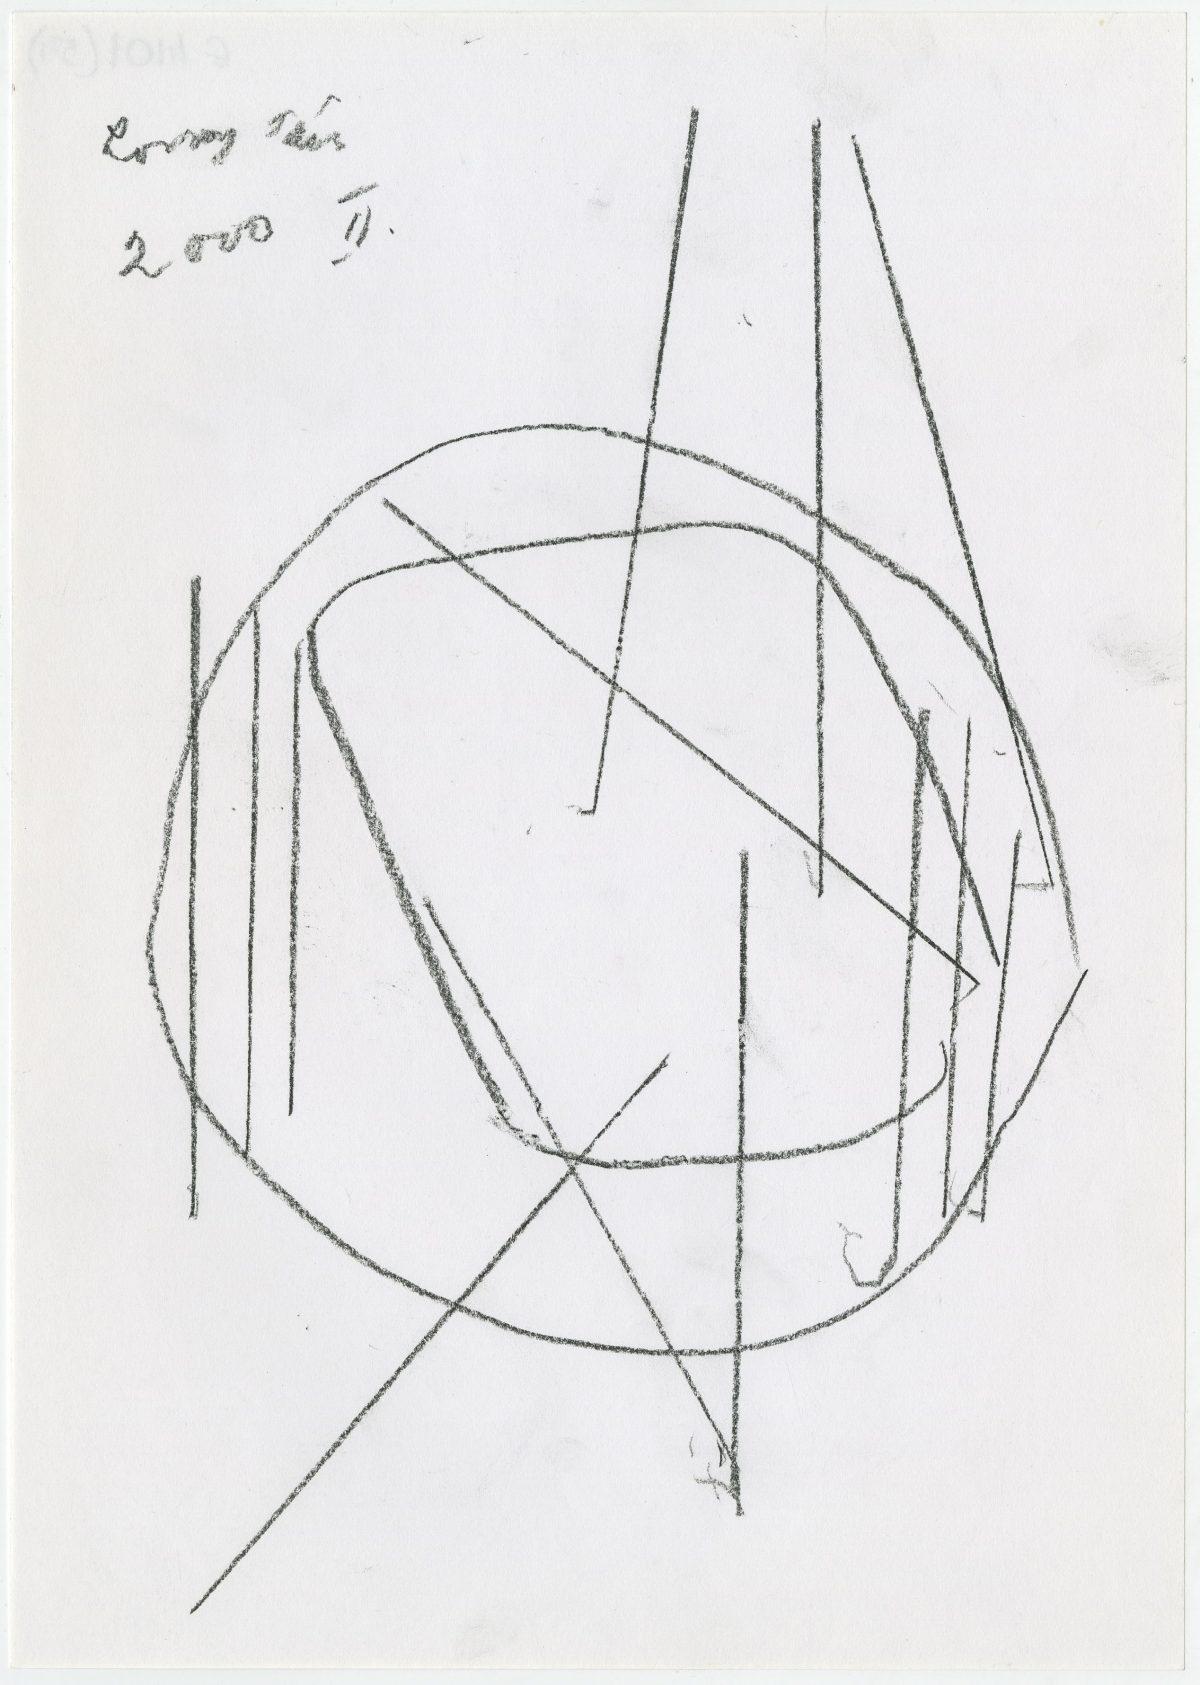 G04101(54)<br/> <b>Cím:</b> Cím nélkül <br/> <b>Méret cm:</b> 29,6X21 <br/> <b>Készült:</b> 2000. <br/> <b>Technika:</b> ceruza<br/>